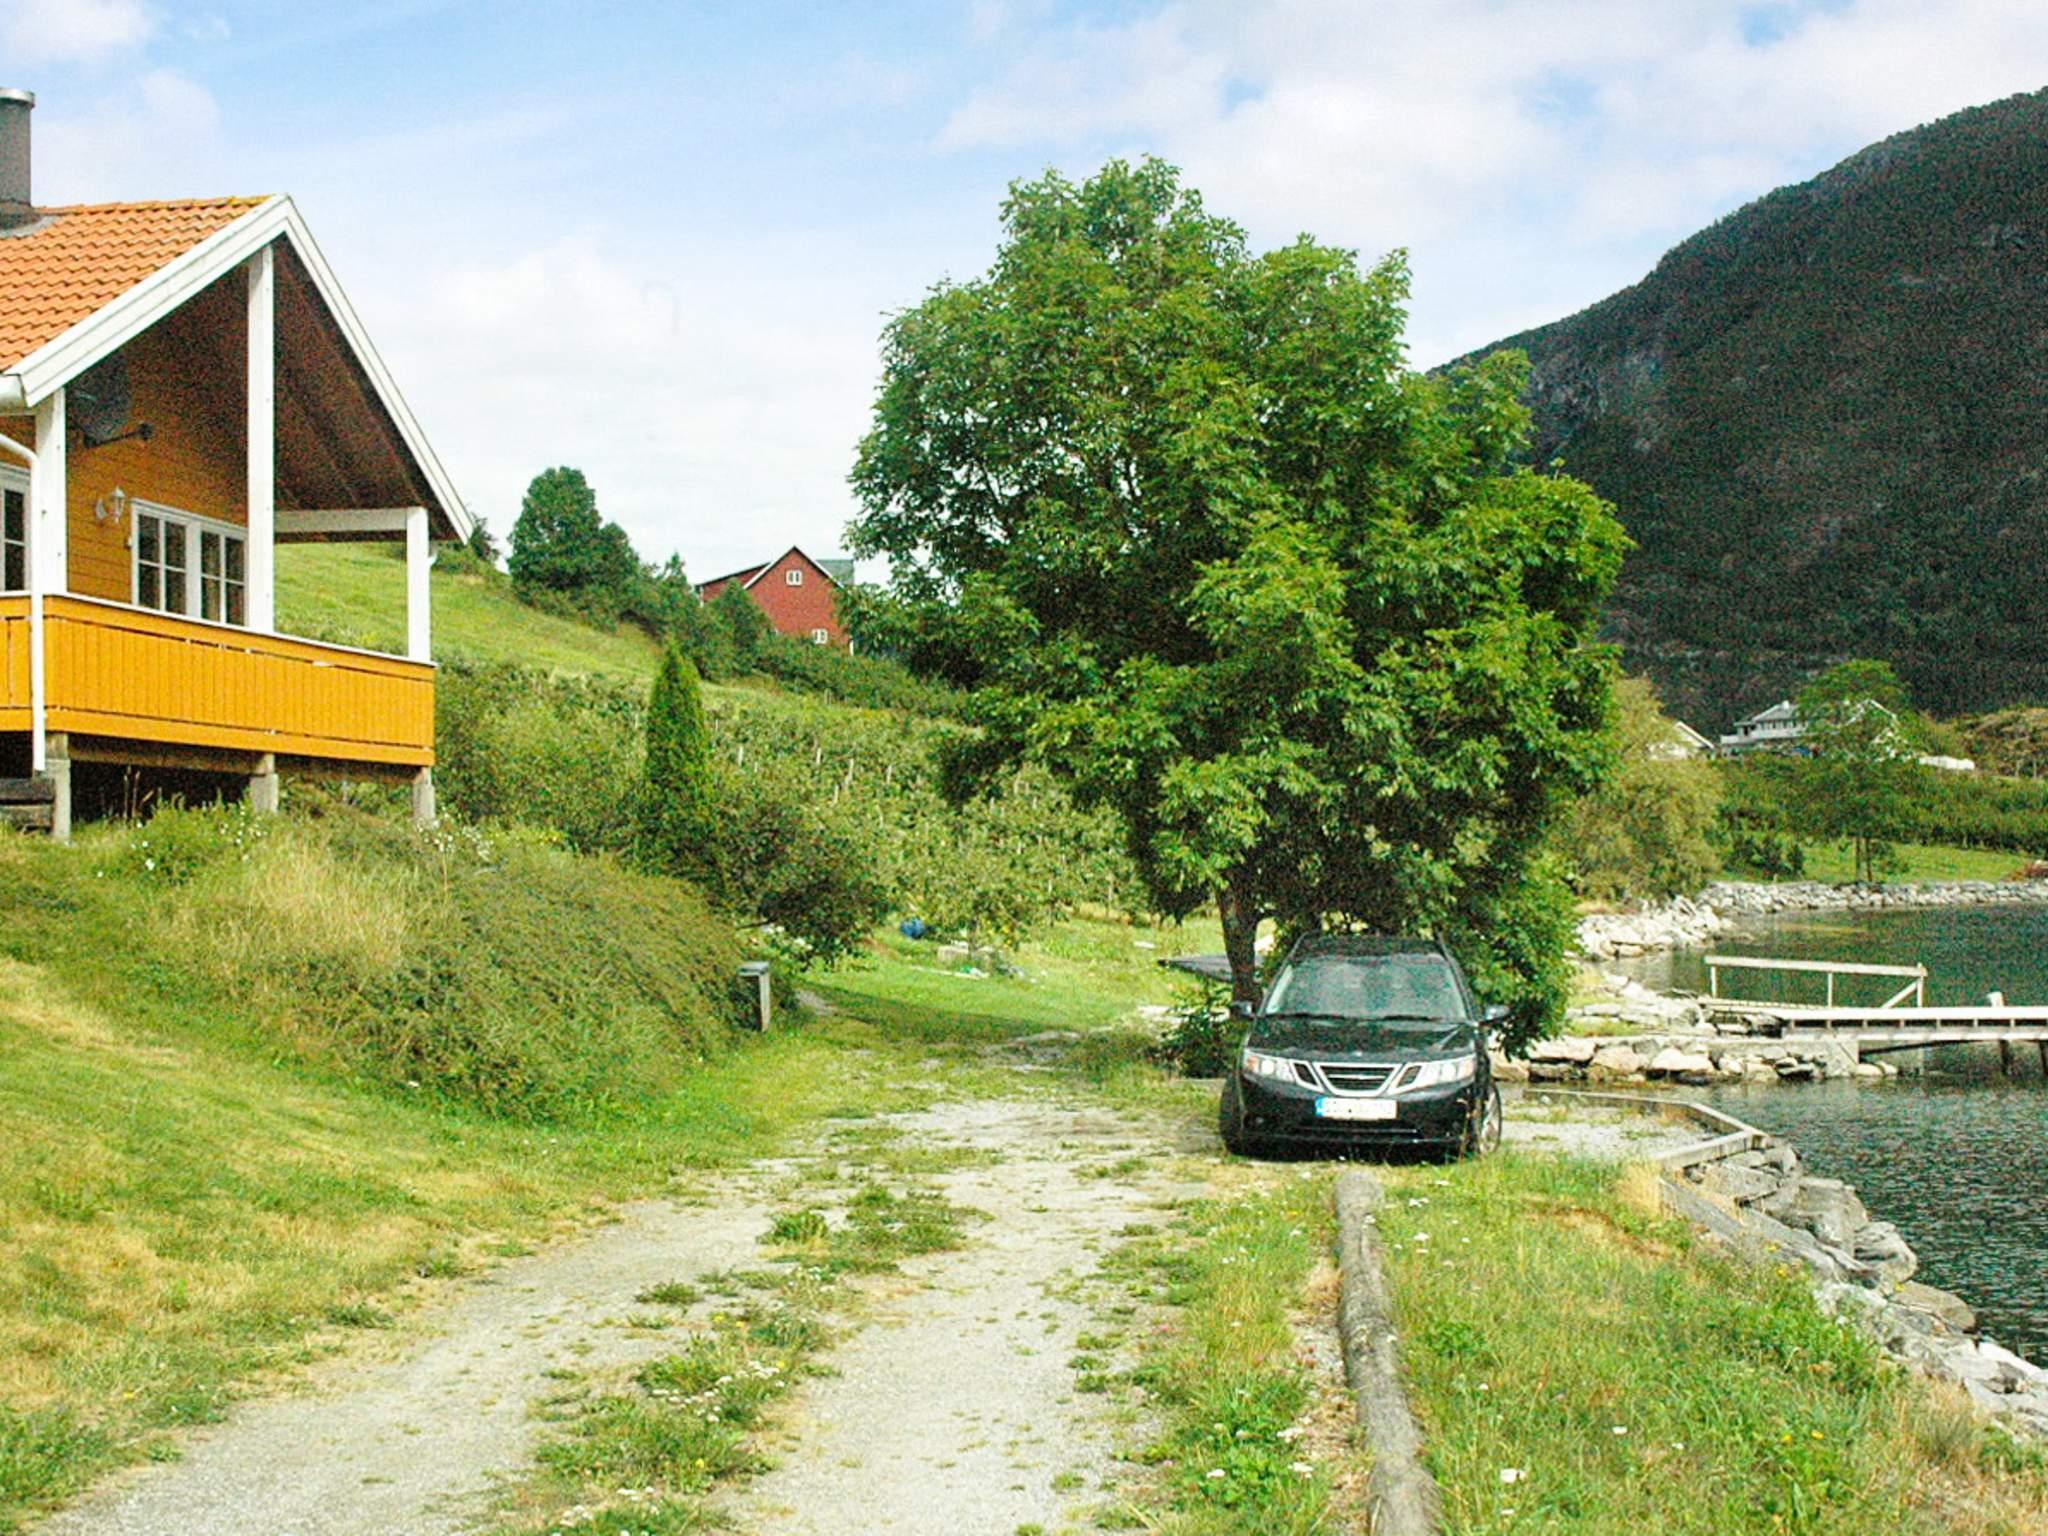 Ferienhaus Slinde (82397), Slinde, Sognefjord - Nordfjord, Westnorwegen, Norwegen, Bild 9